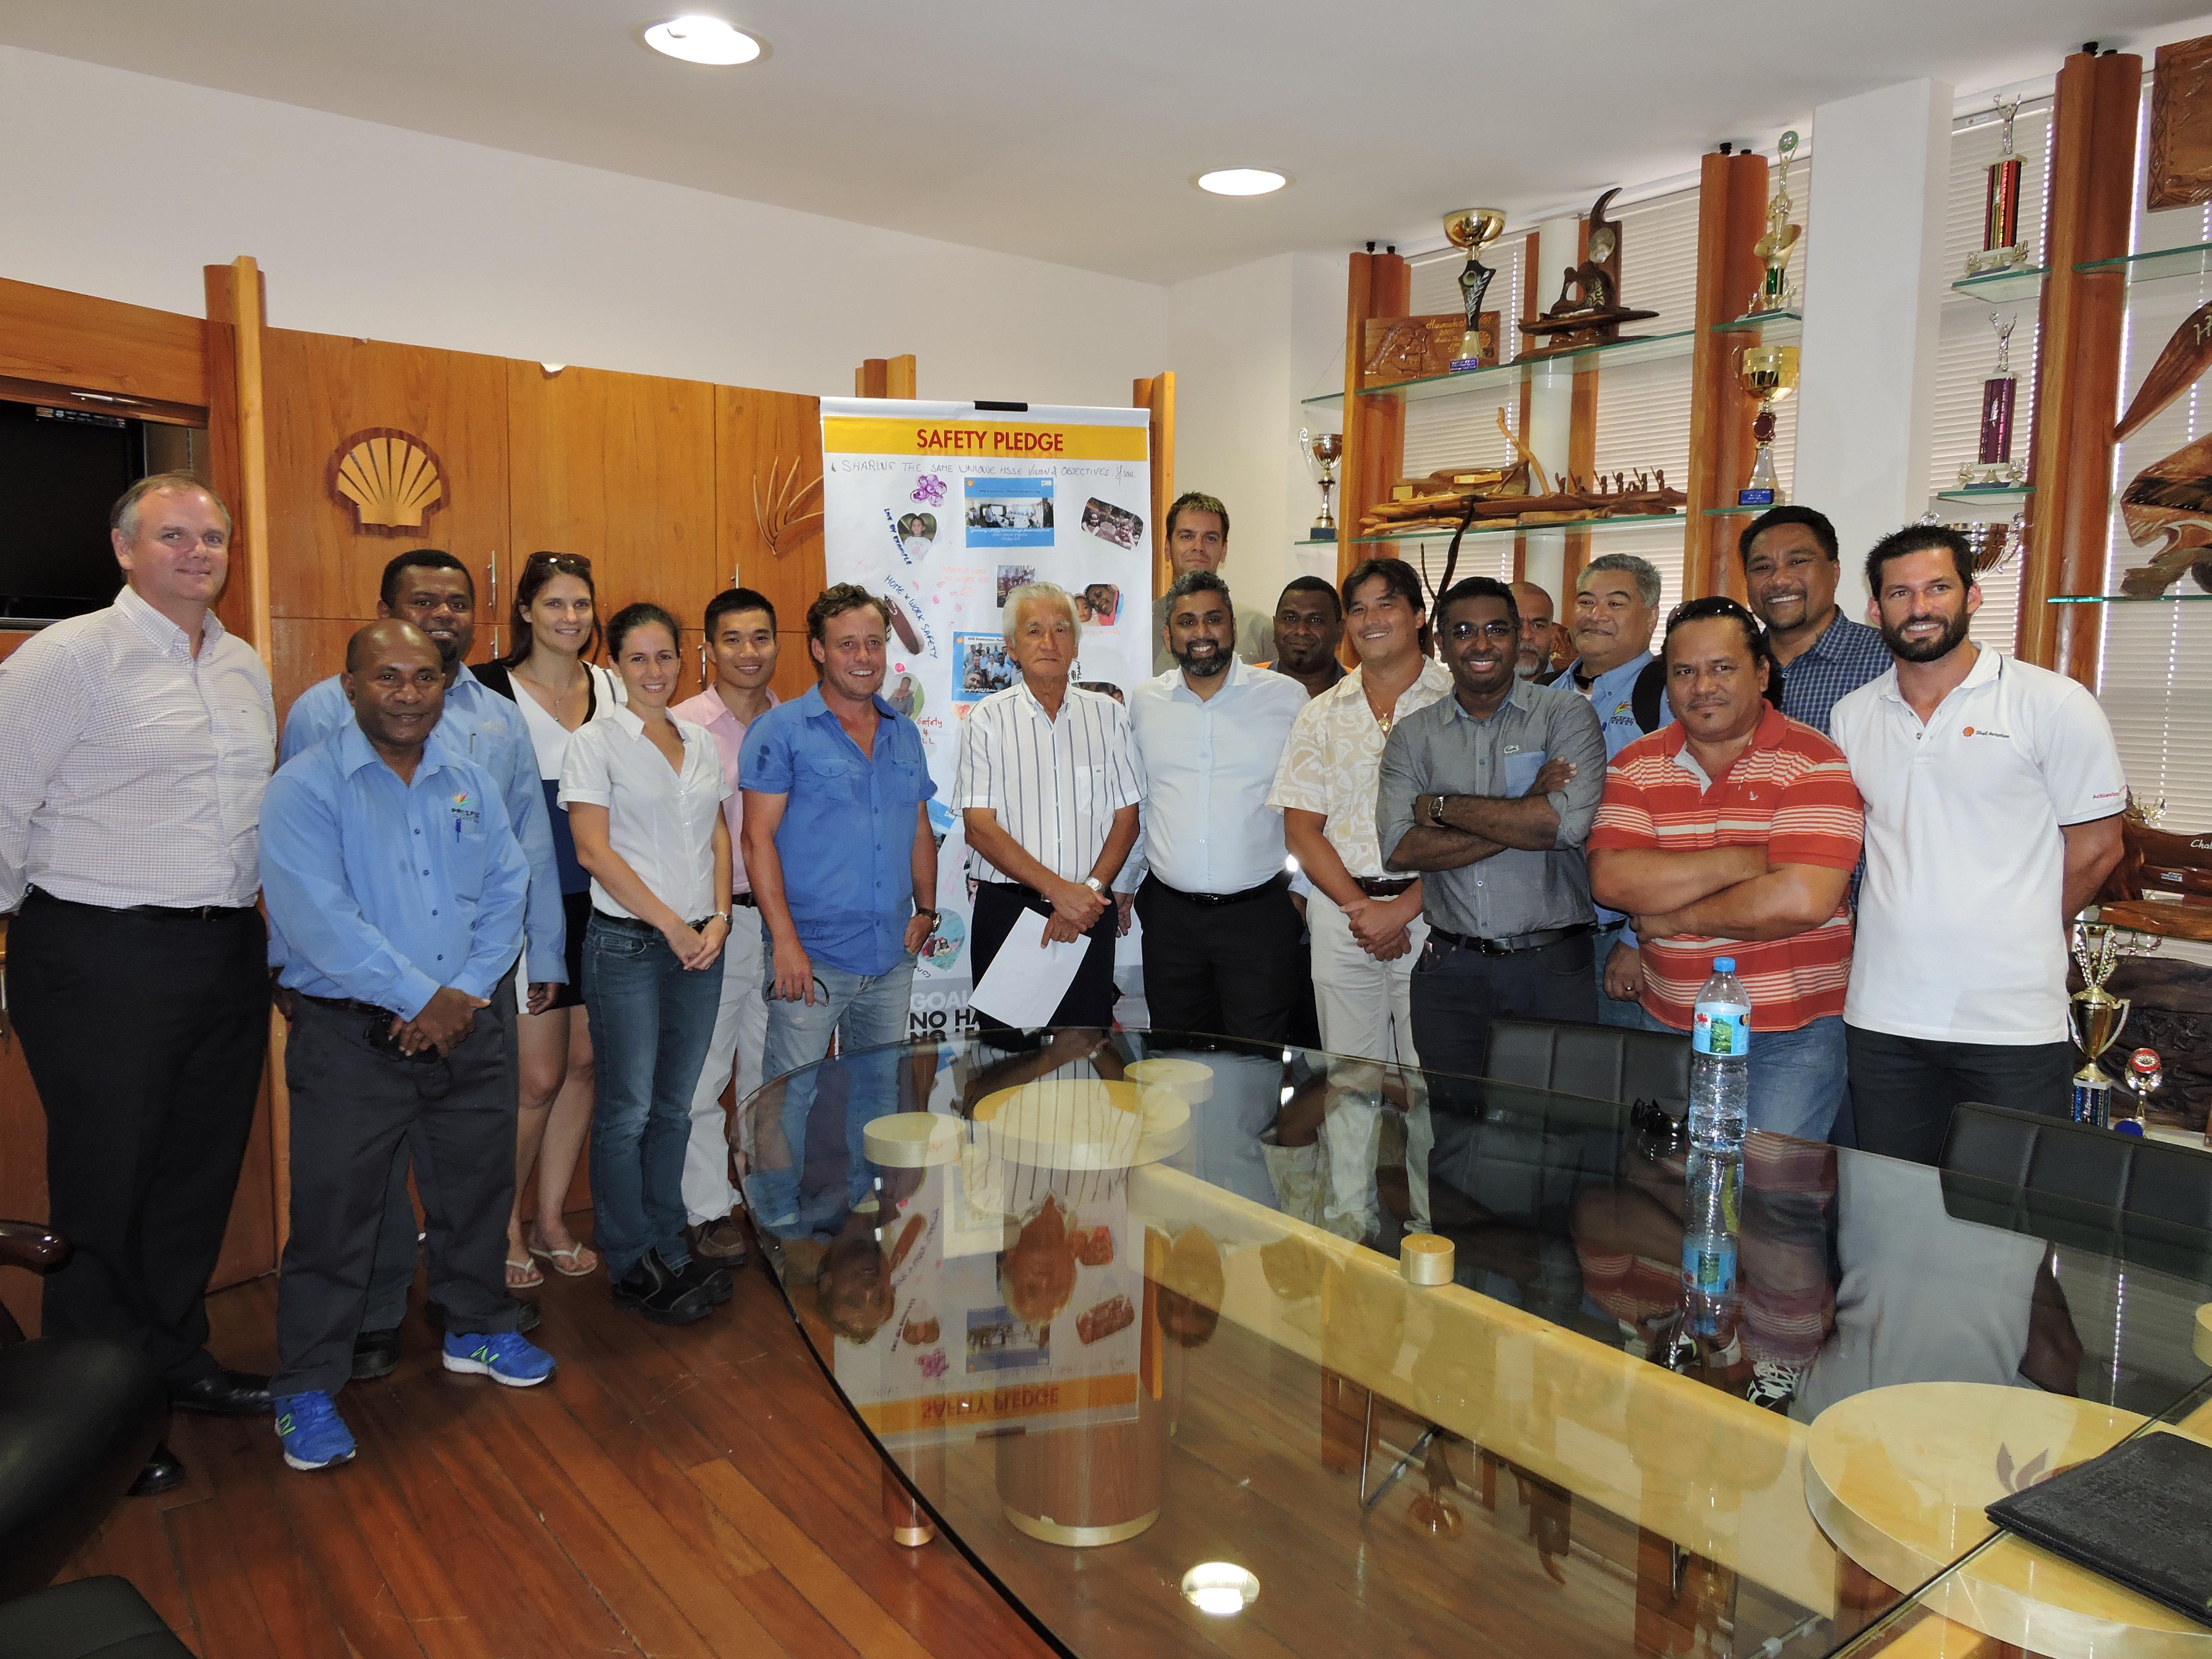 Les responsables sécurité des onze Pays du Pacifique et les formateurs de Shell venus de Malaisie réunis autour d'Albert Moux